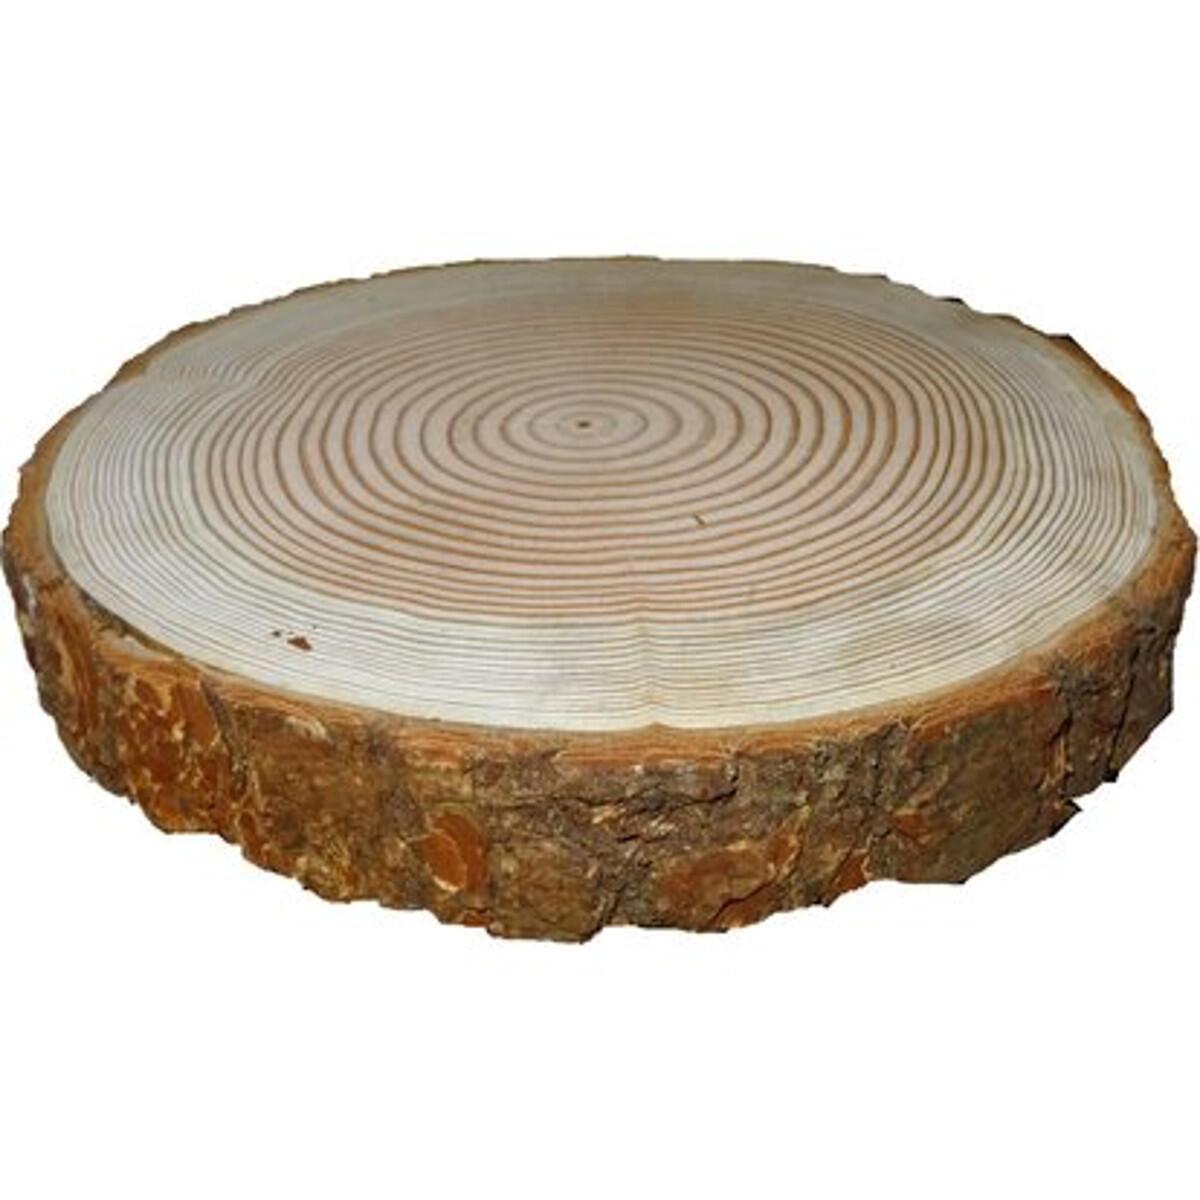 Sagoma decorativa tondo in noce grezzo 40 mm Ø 300/400 mm